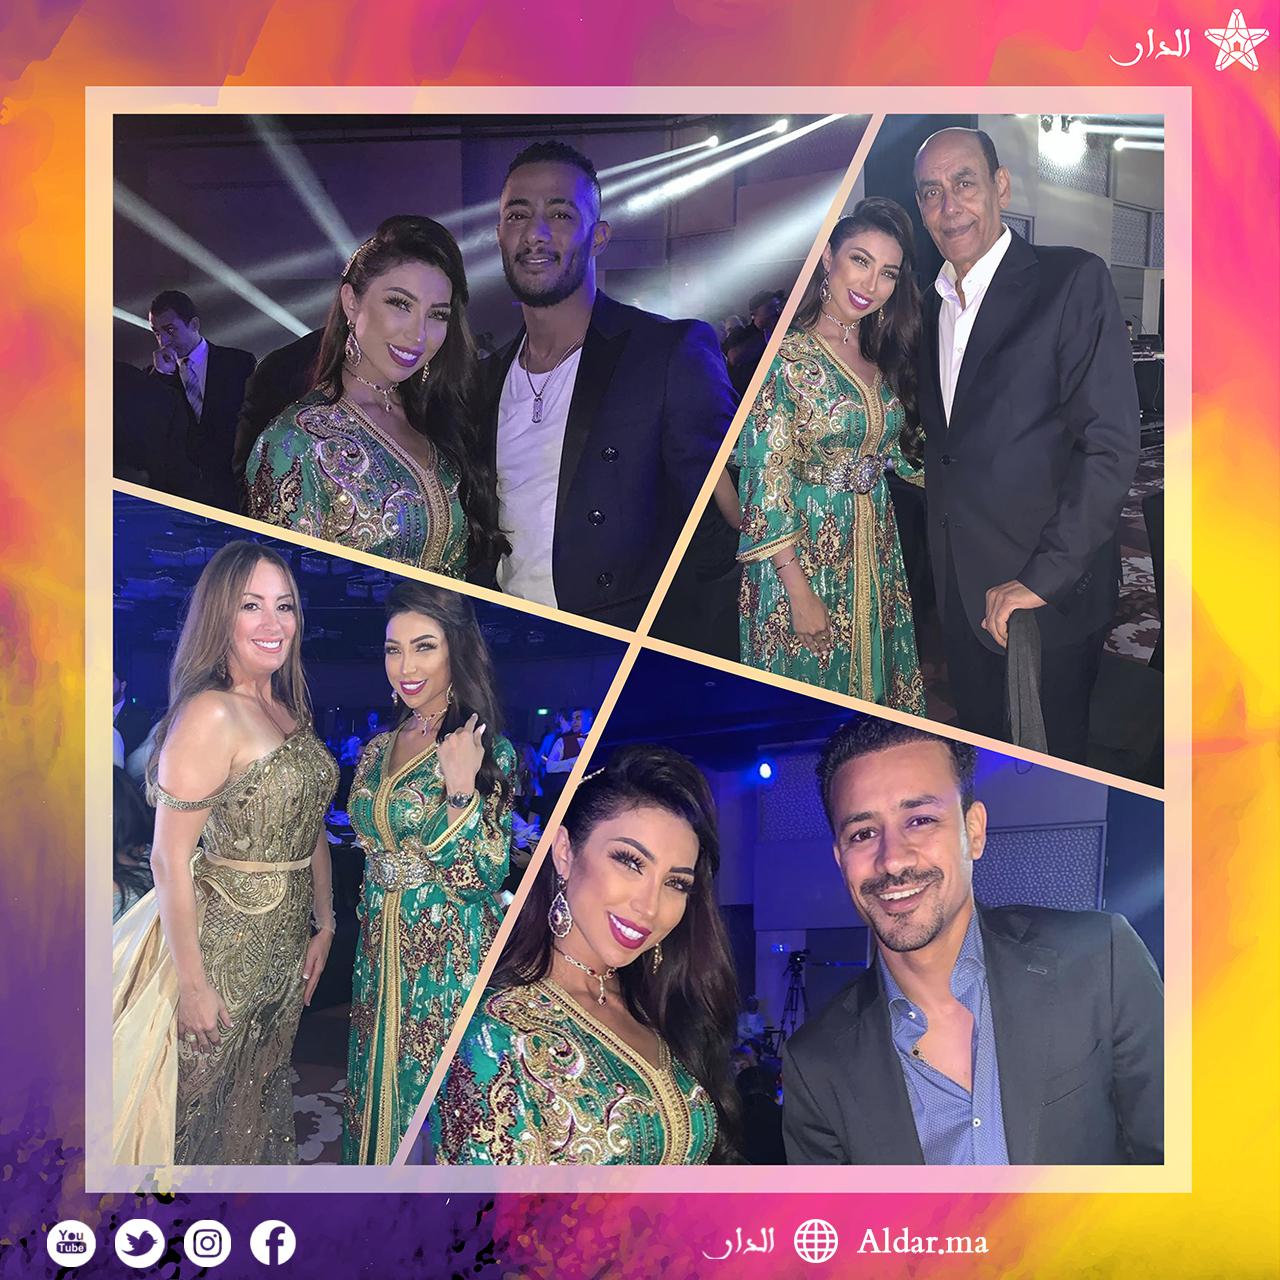 """Photo of بالصور والفيديو.. دنيا بطمة تفوز بجائزة """"أفضل مطربة مغربية"""" لسنة 2019"""